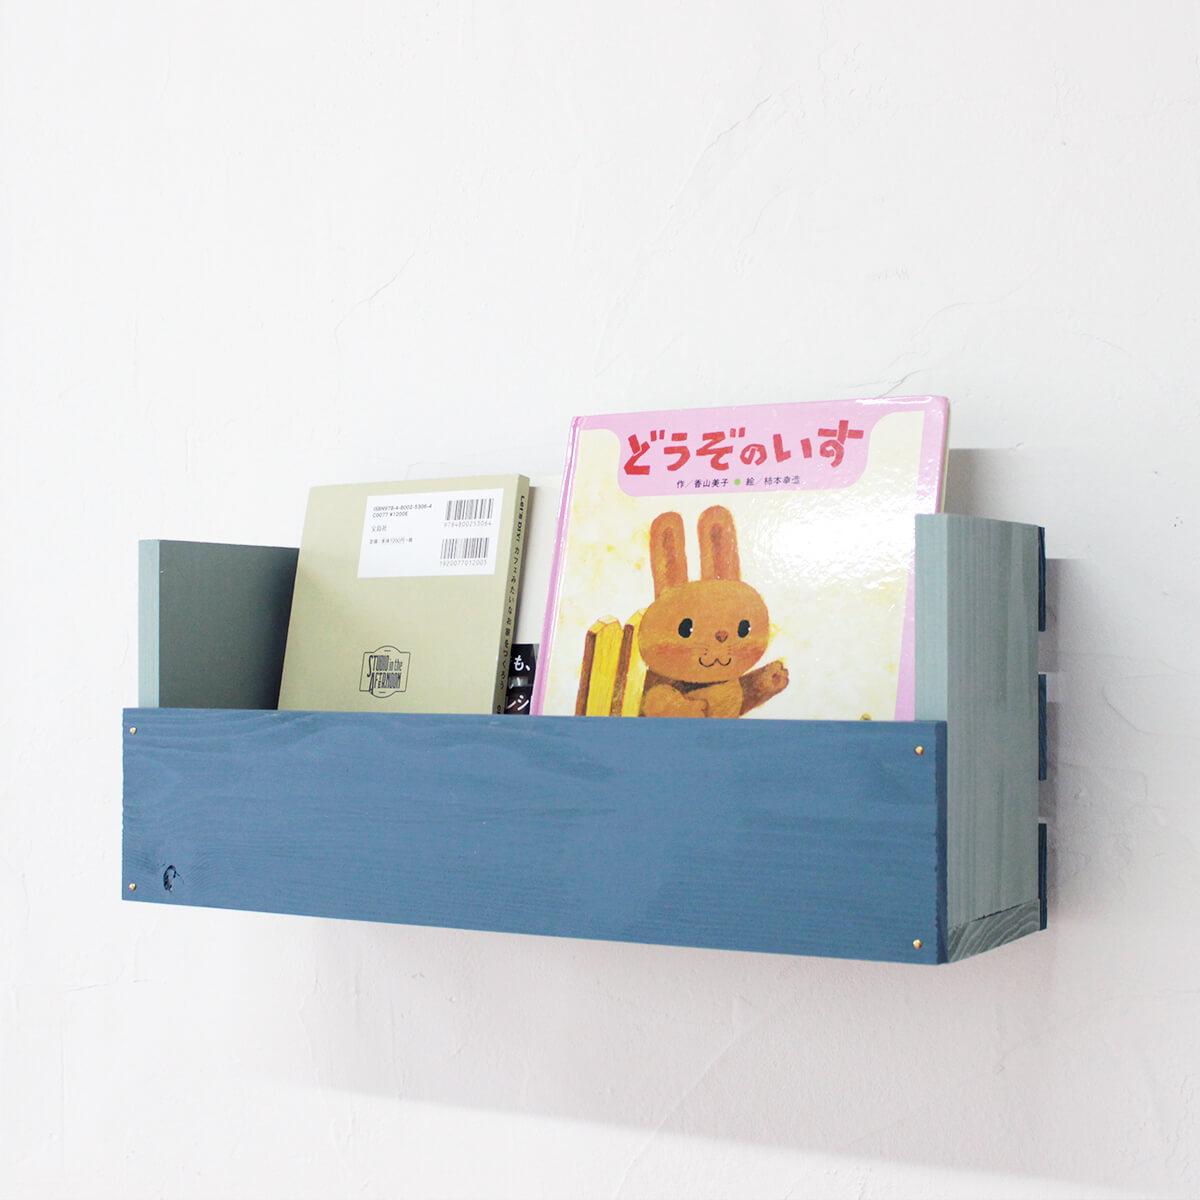 小さなギャラリーボックス